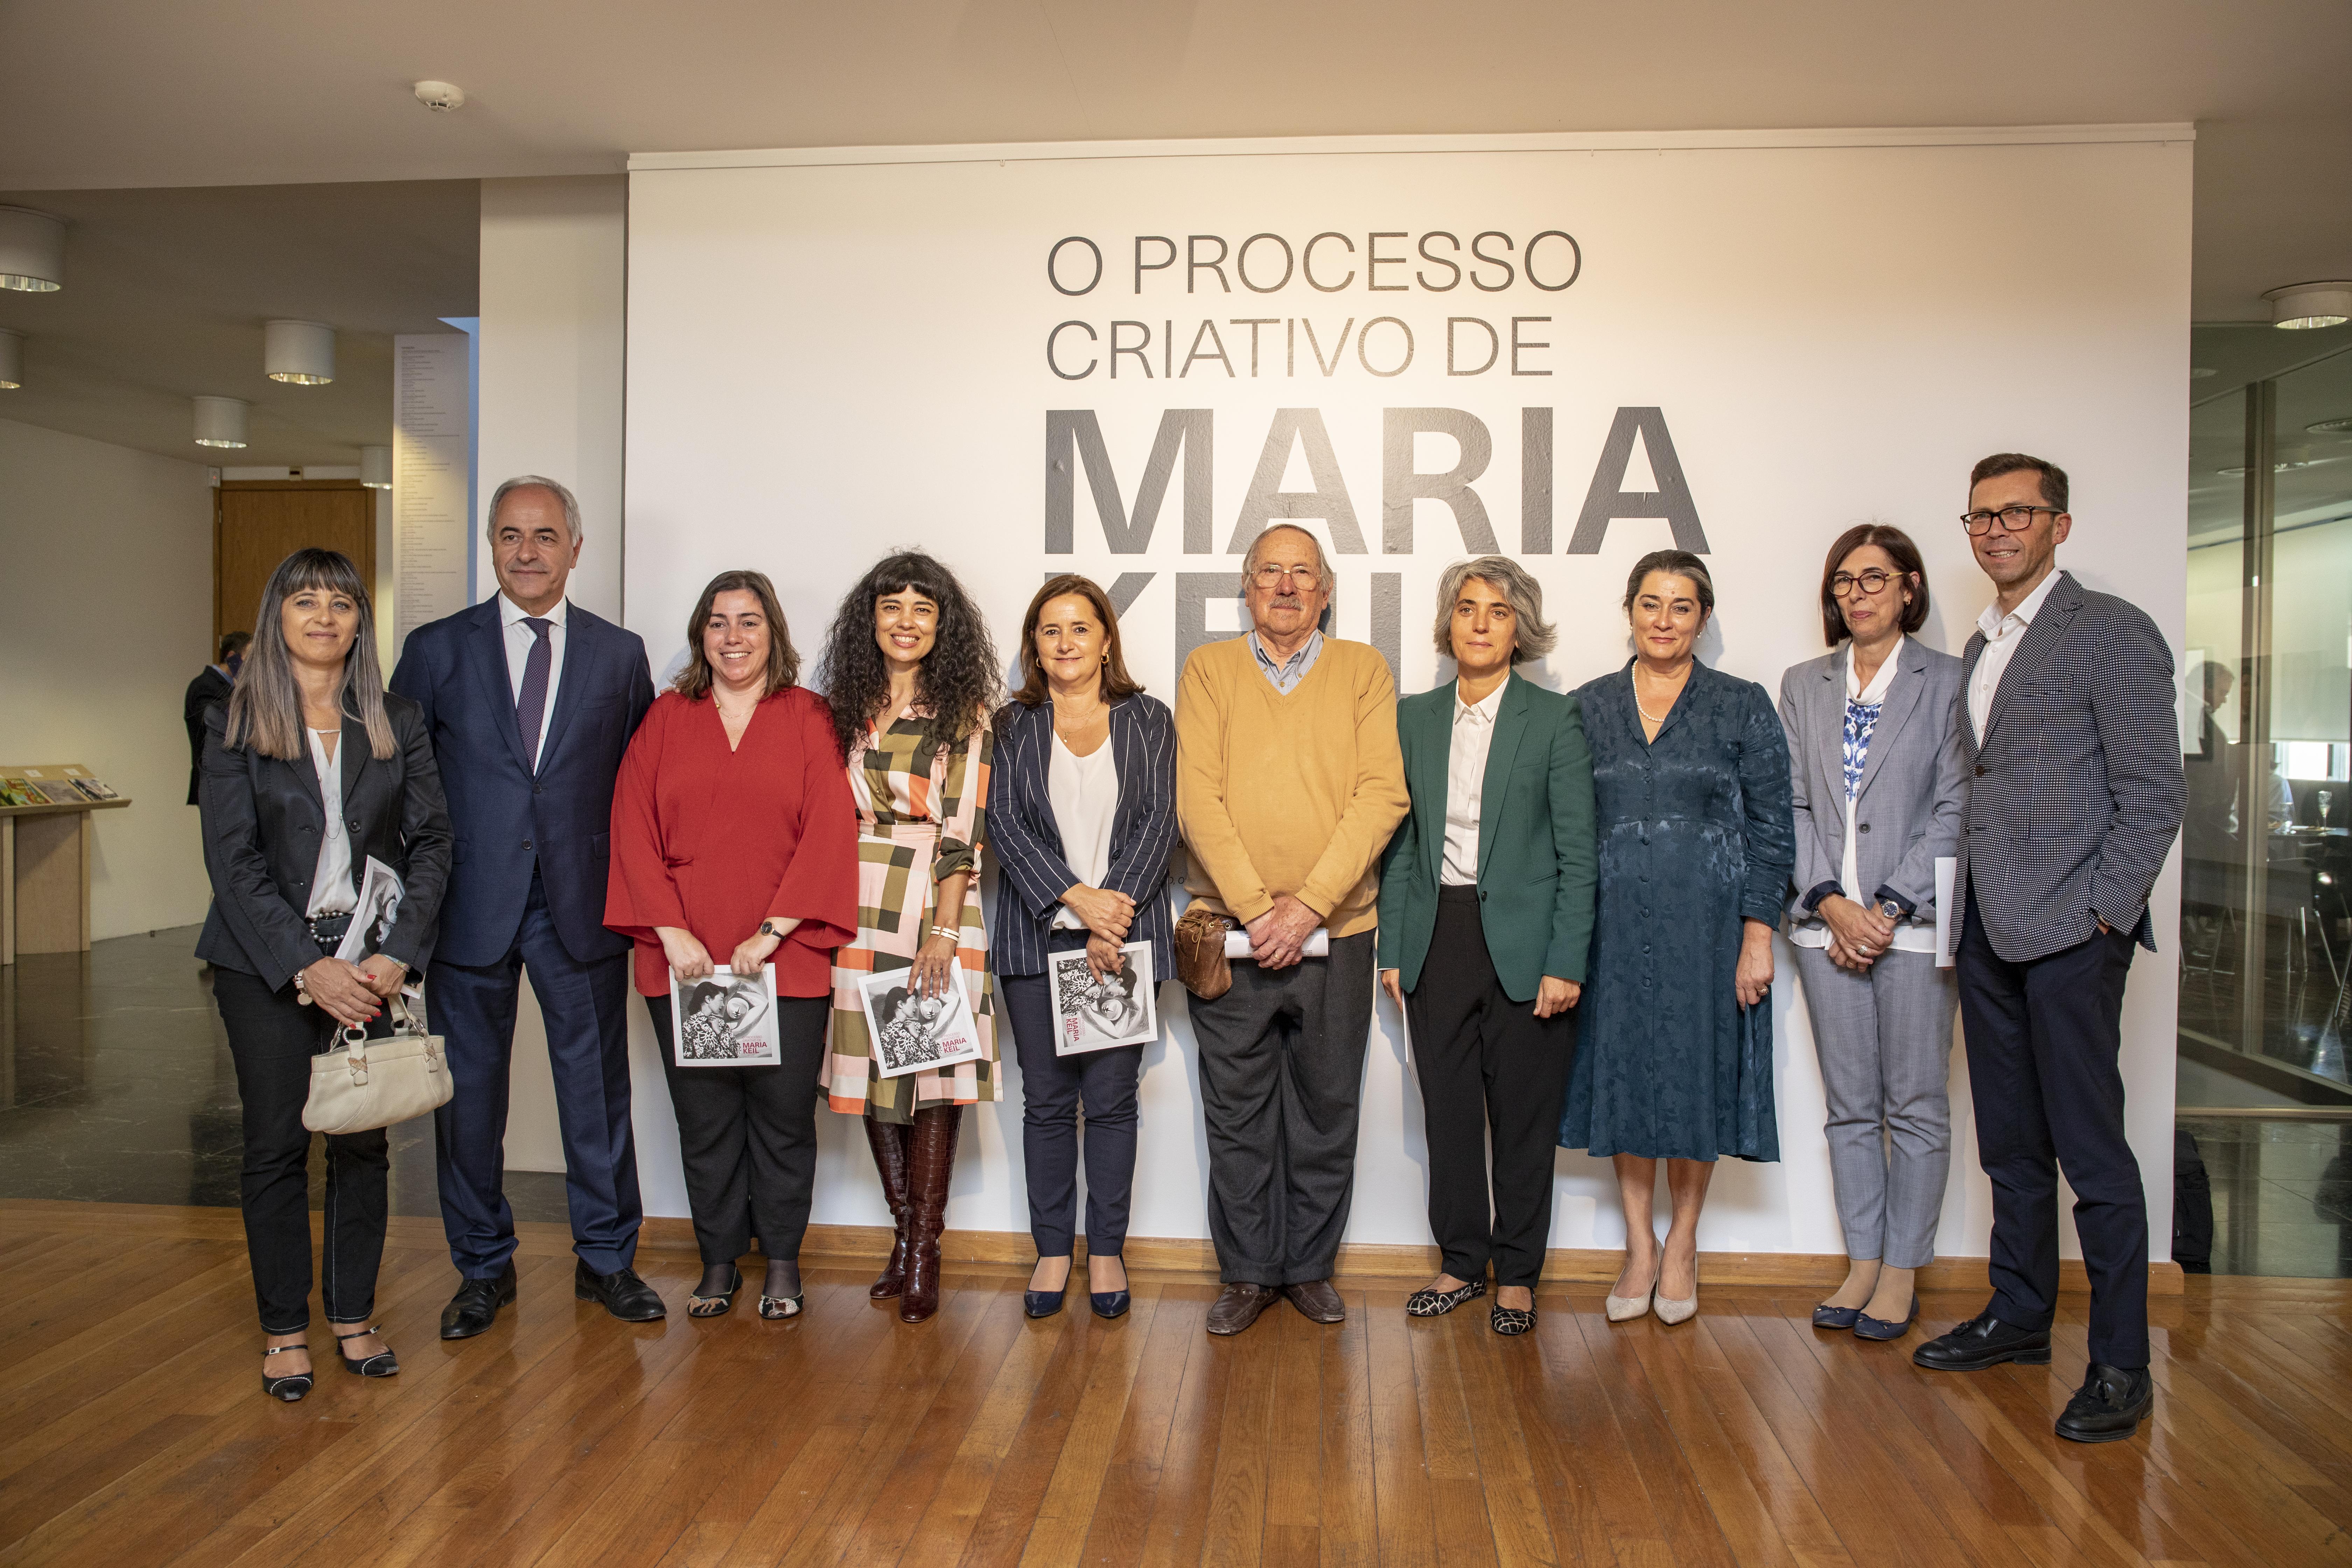 Ministra da Cultura inaugura exposição na Galeria Municipal de Arte